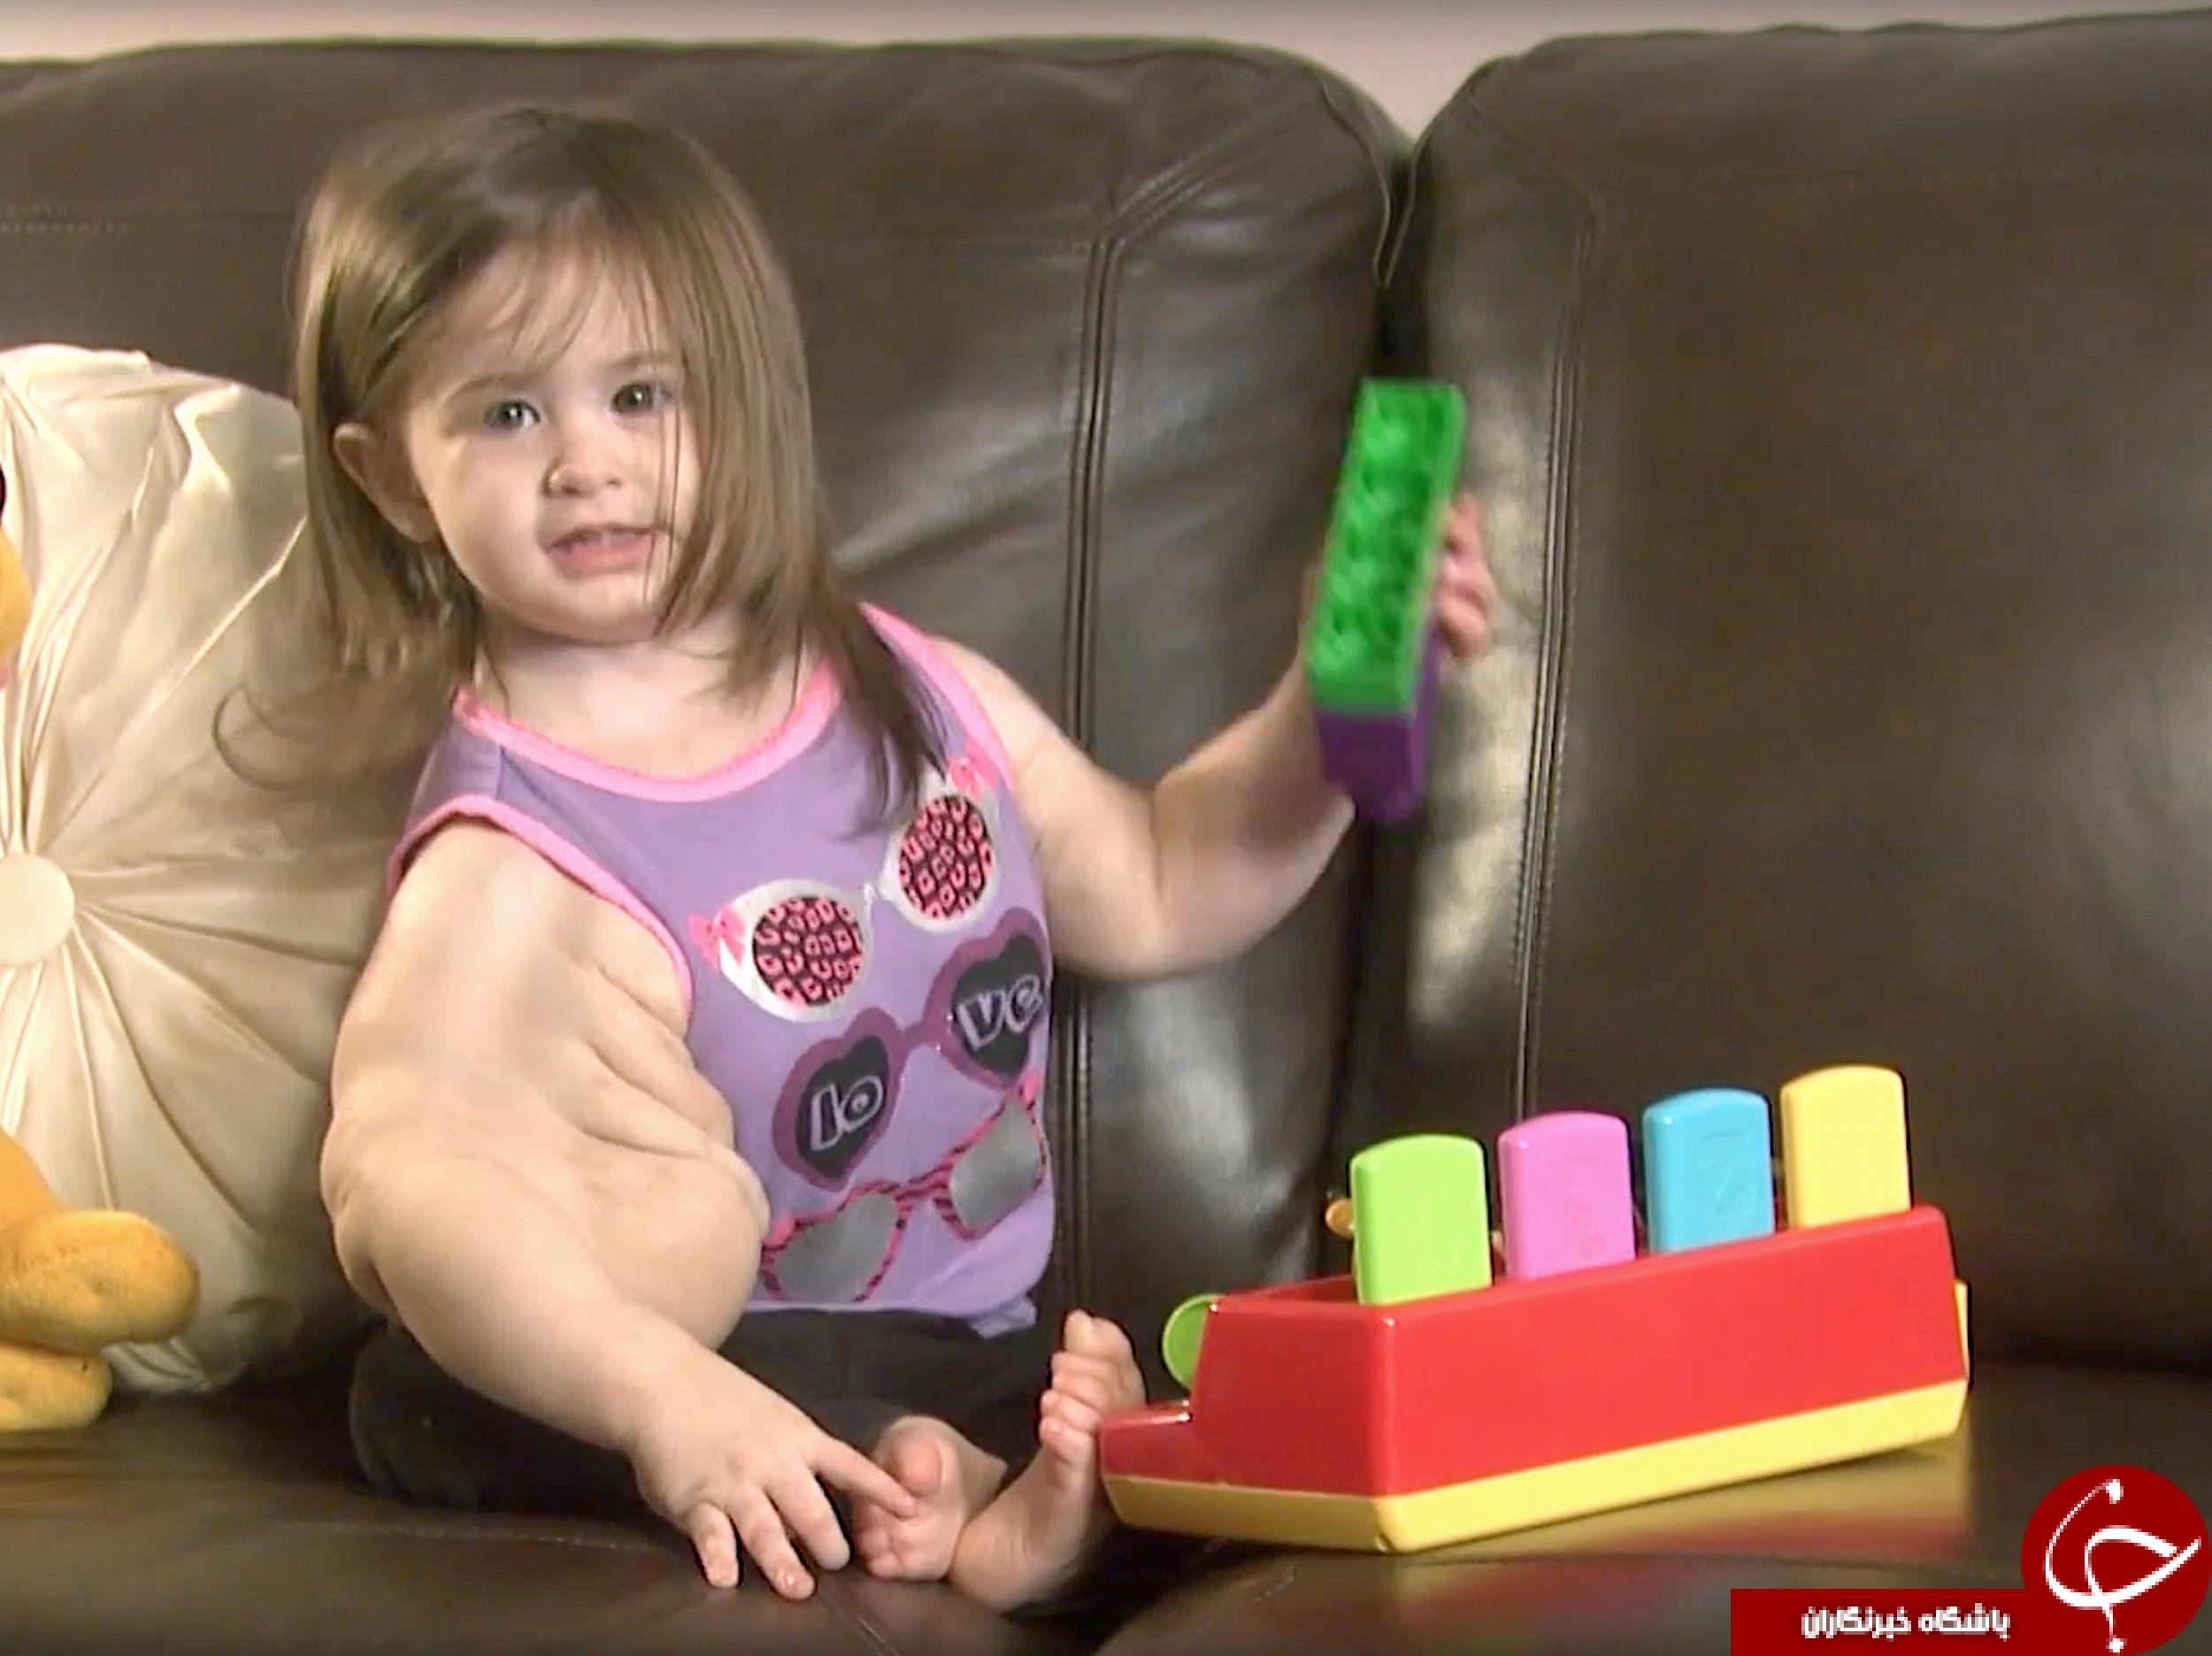 بیماری این دختر بچه را شبیه هالک کرد + تصاویر